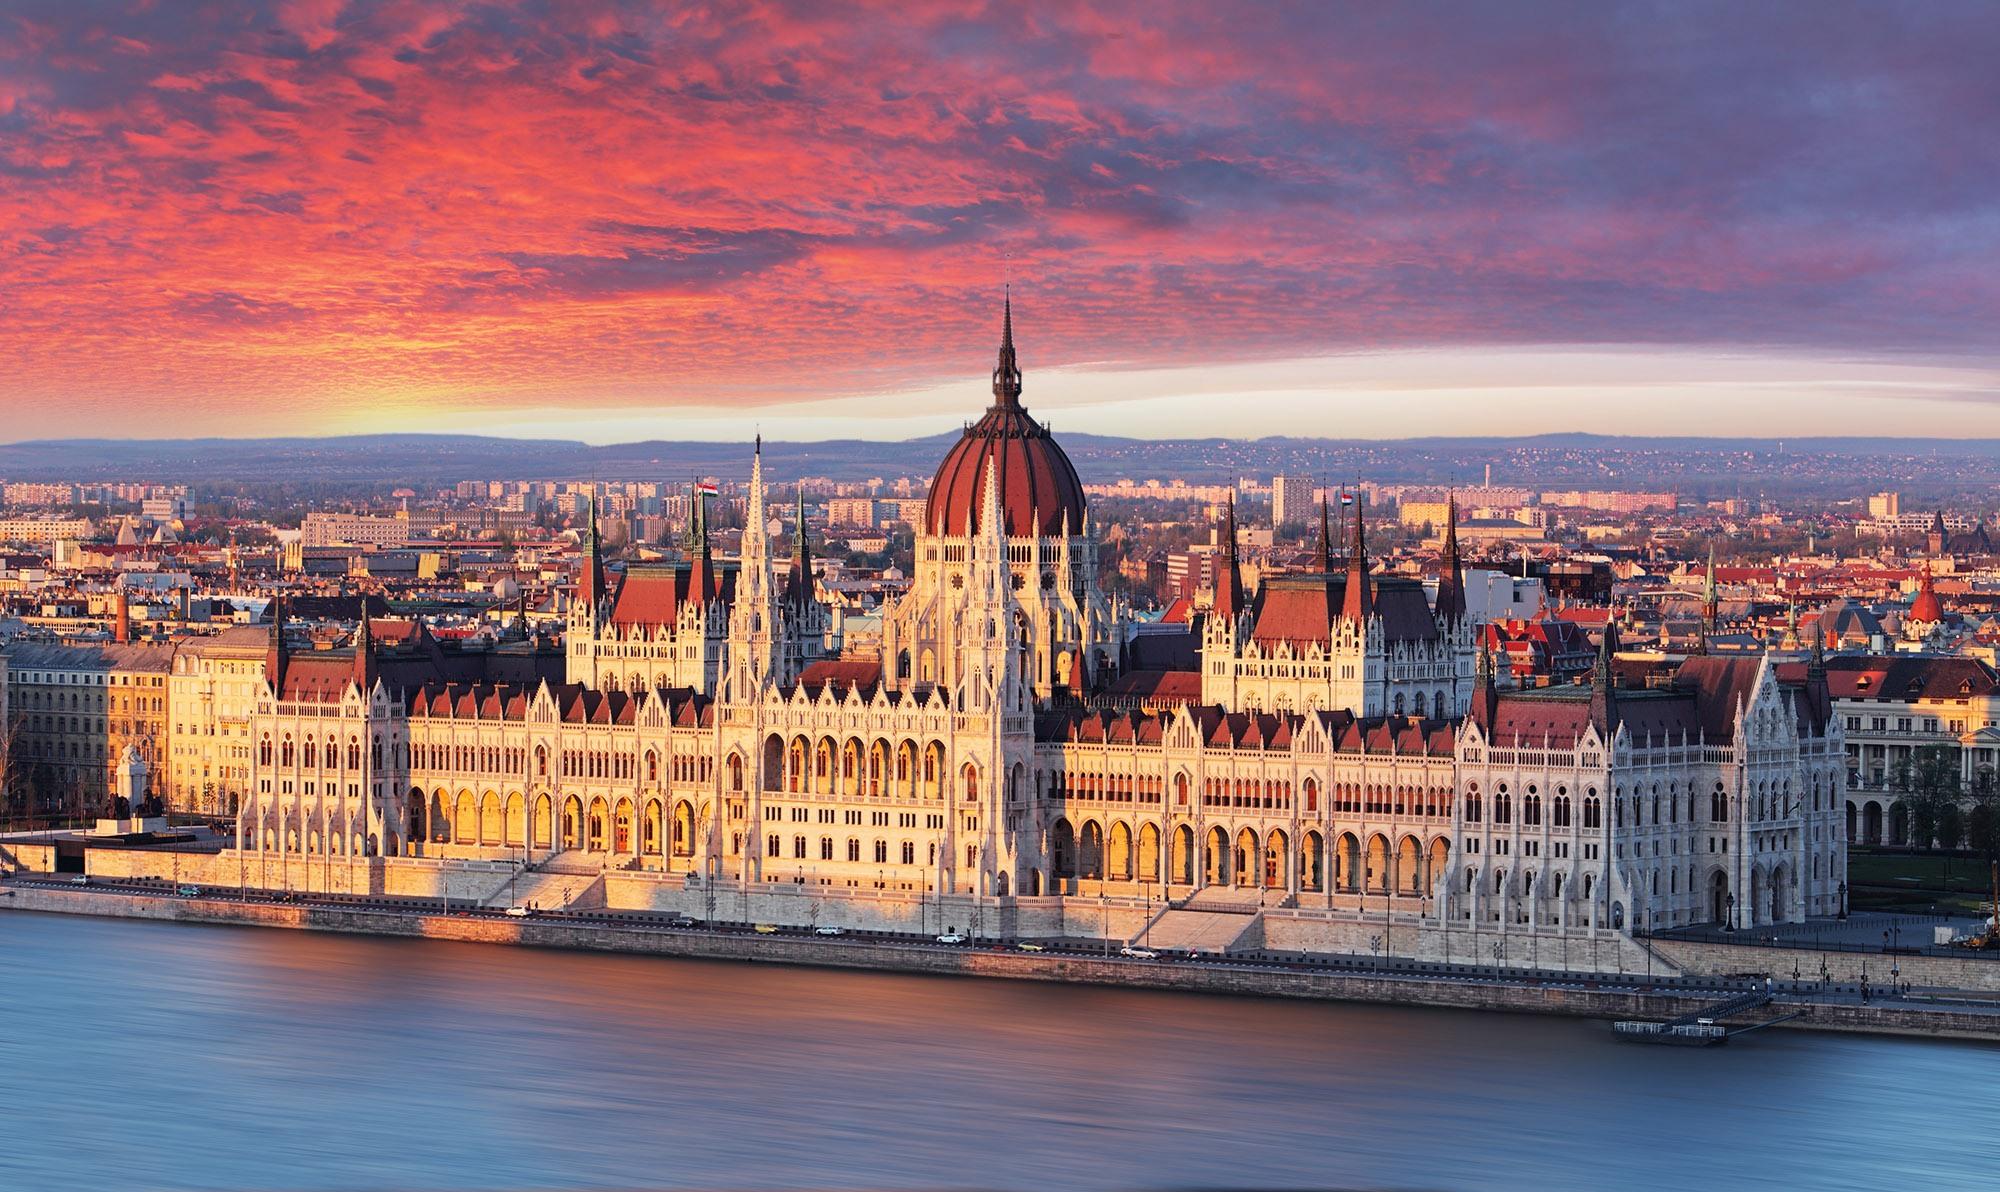 Budapest-Parliament-Building-small